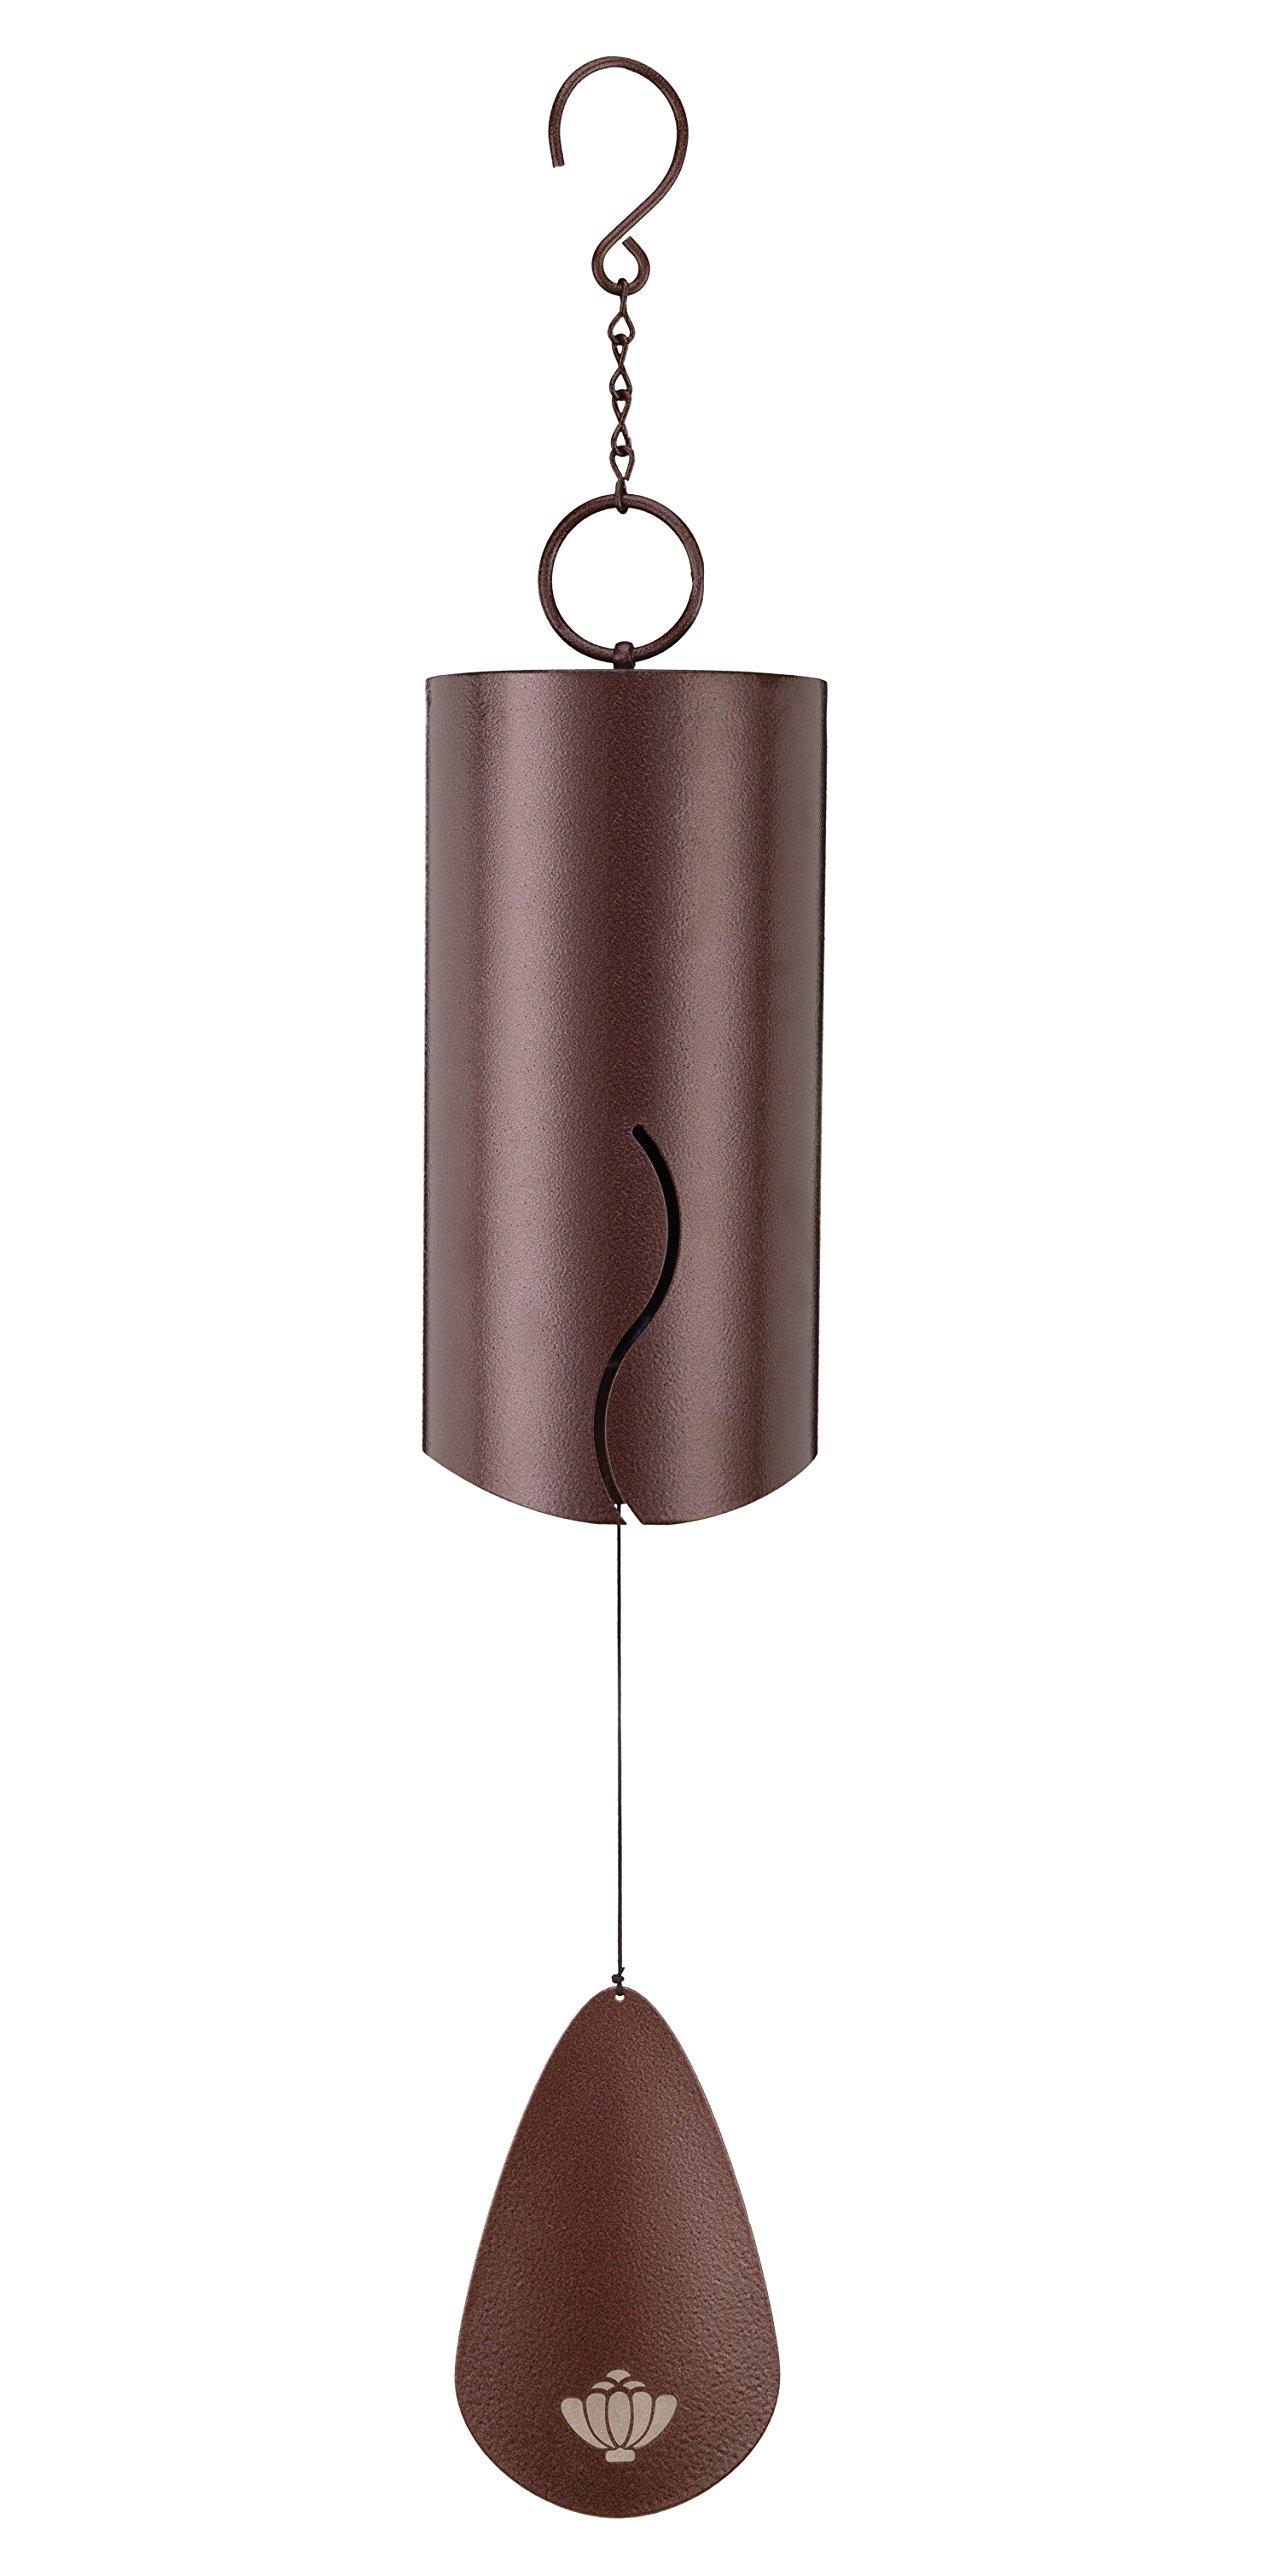 Regal Art & Gift Wind Bell 6'' - Burgundy by Regal Art & Gift